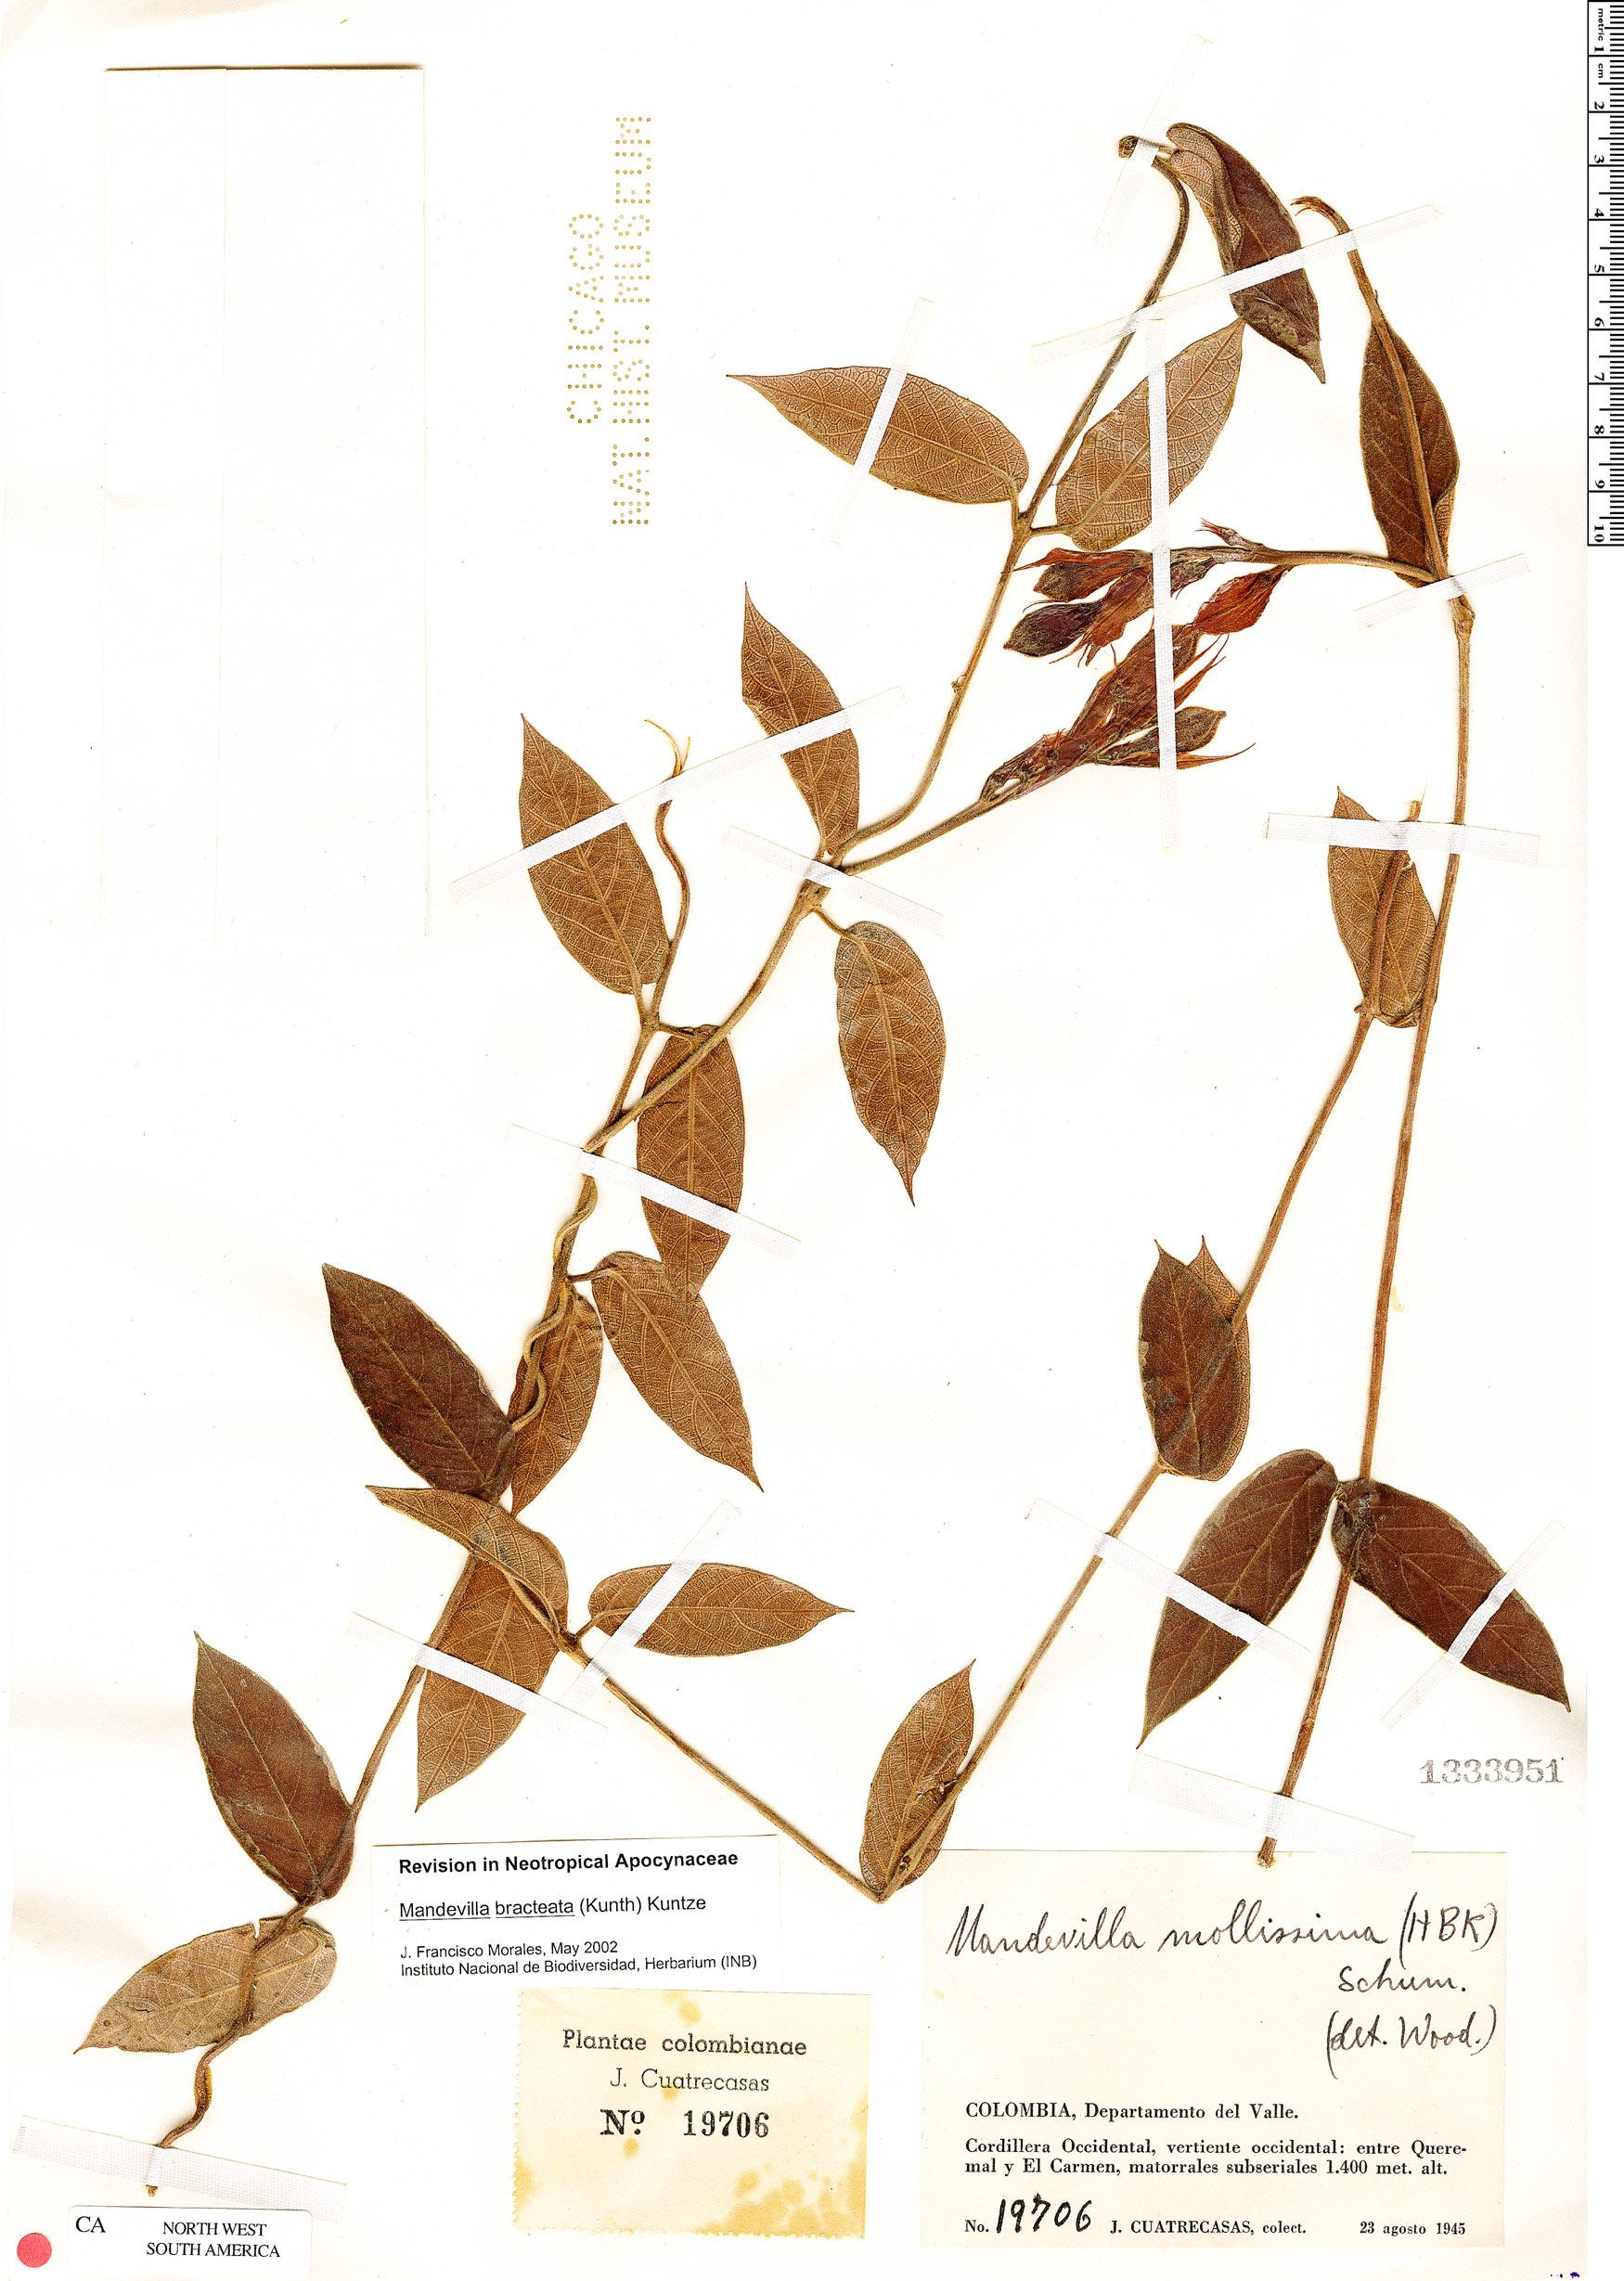 Espécimen: Mandevilla bracteata